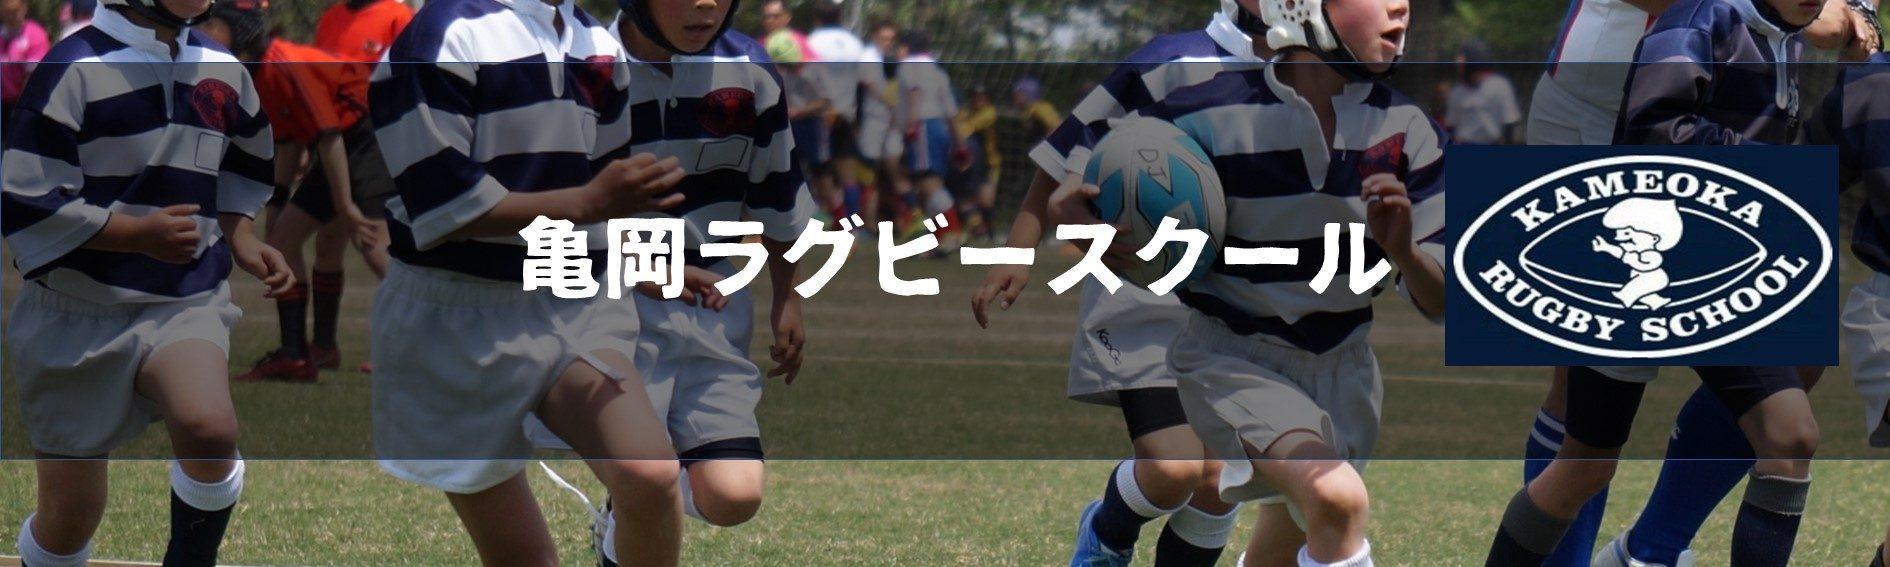 亀岡ラグビースクール